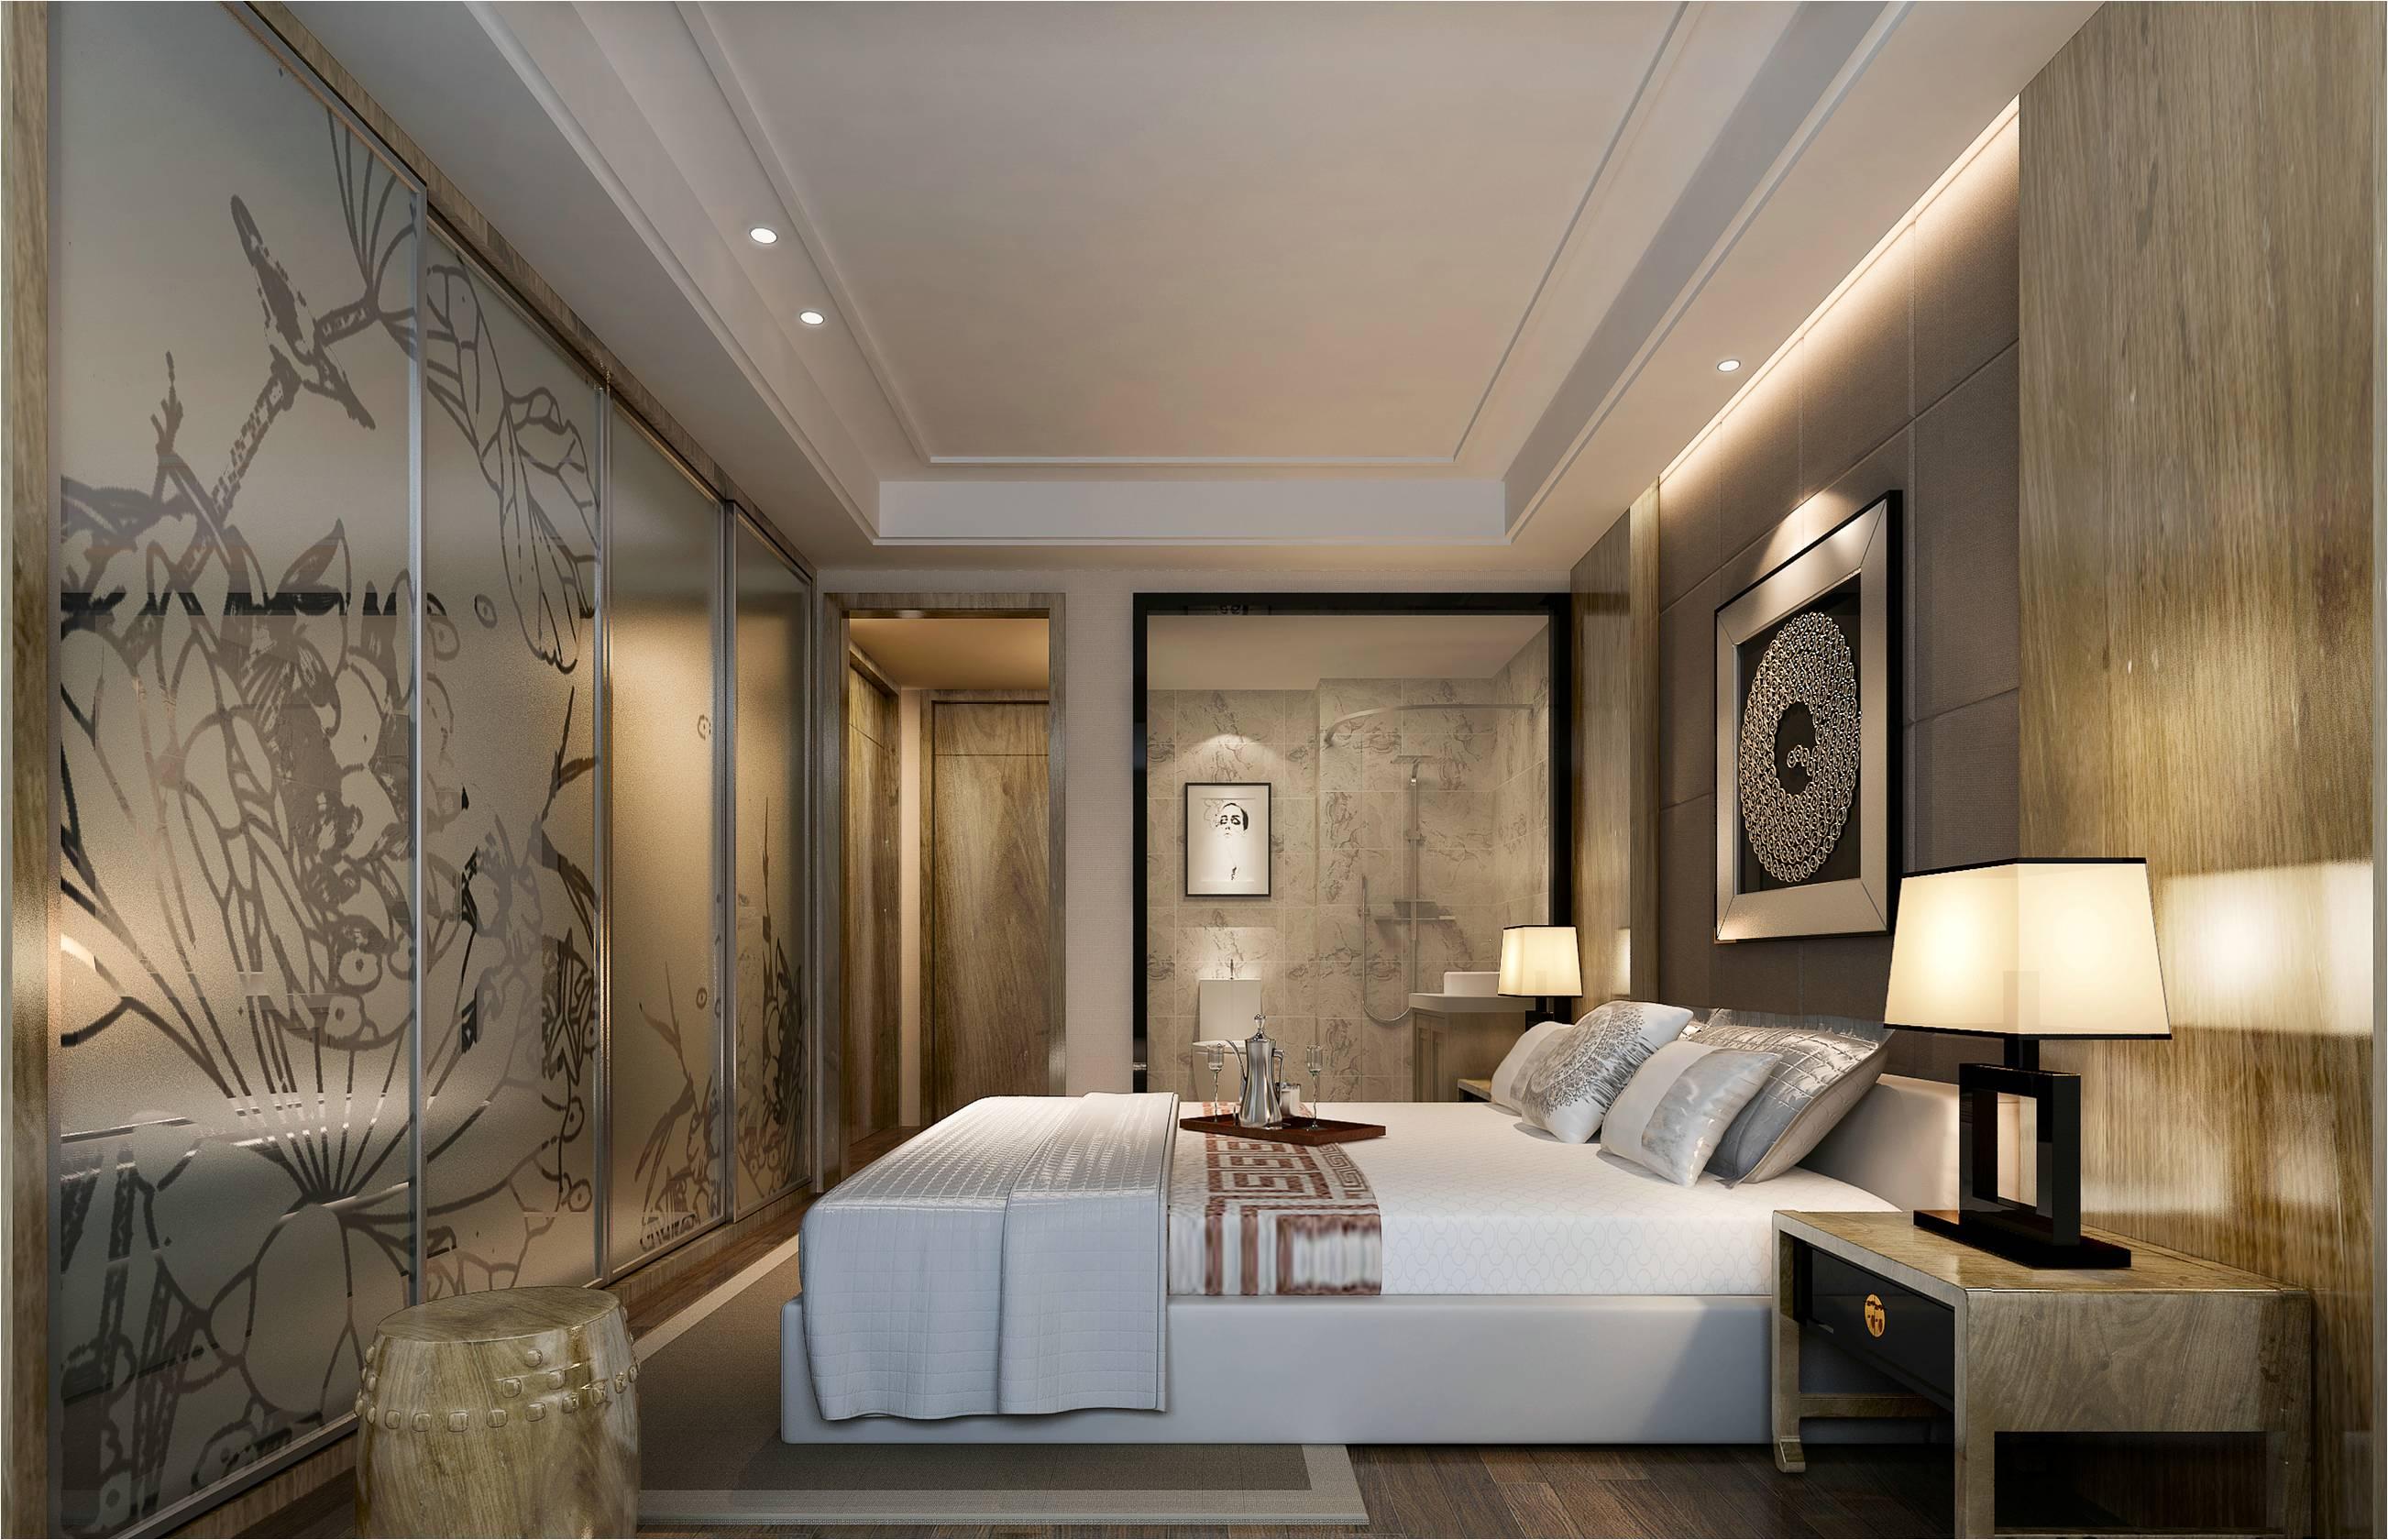 简约 现代 国安居 装饰 设计 卧室图片来自国安居装饰在方直君御--现代简约的分享